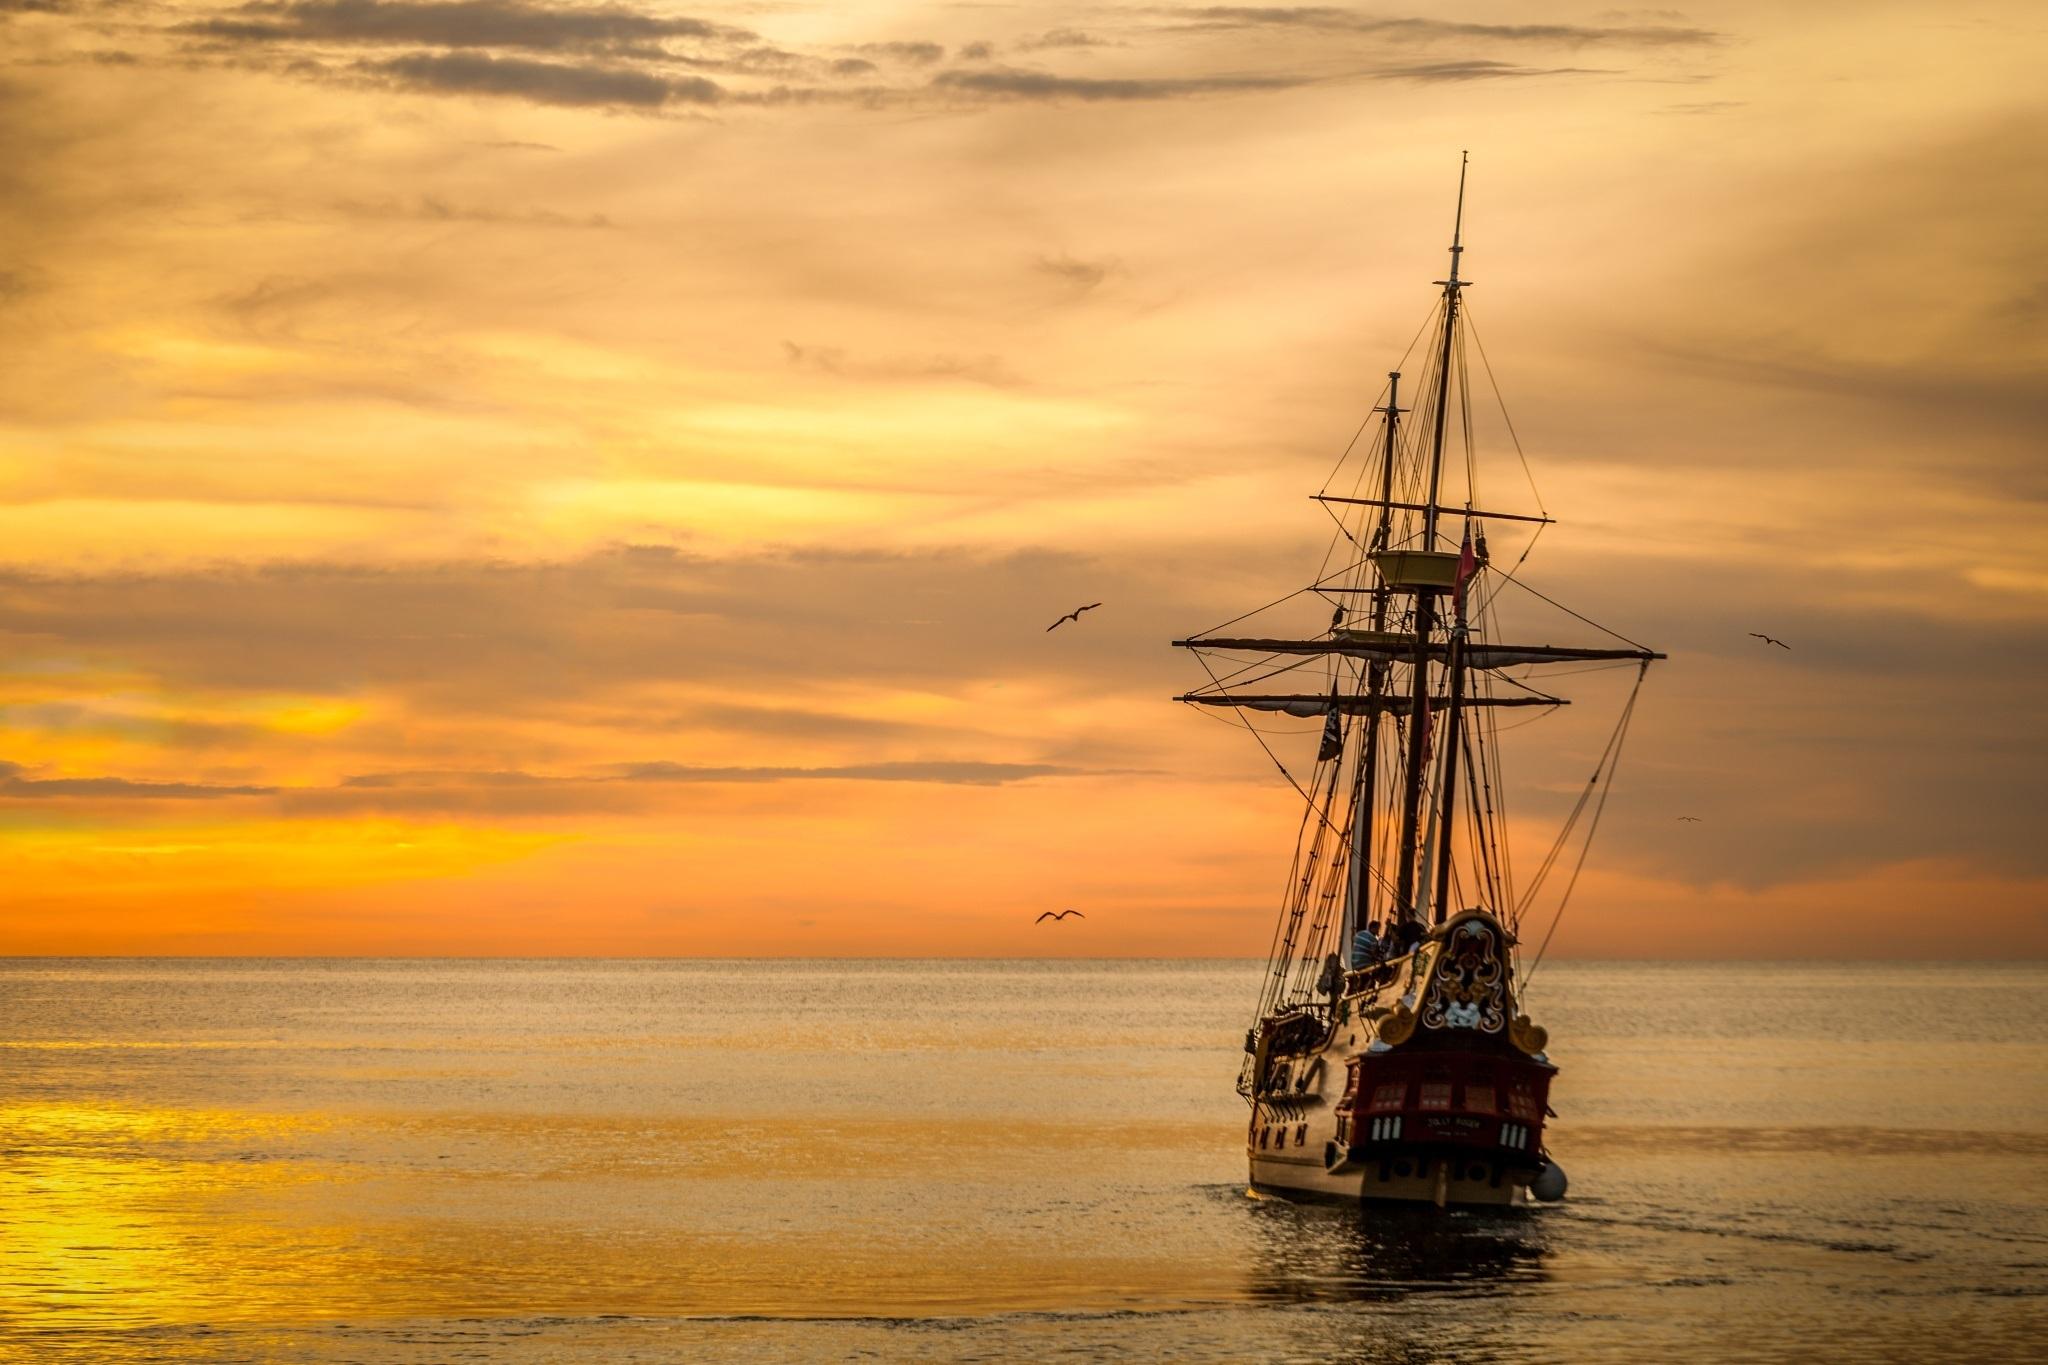 Barco antiguo navegando por el mar.